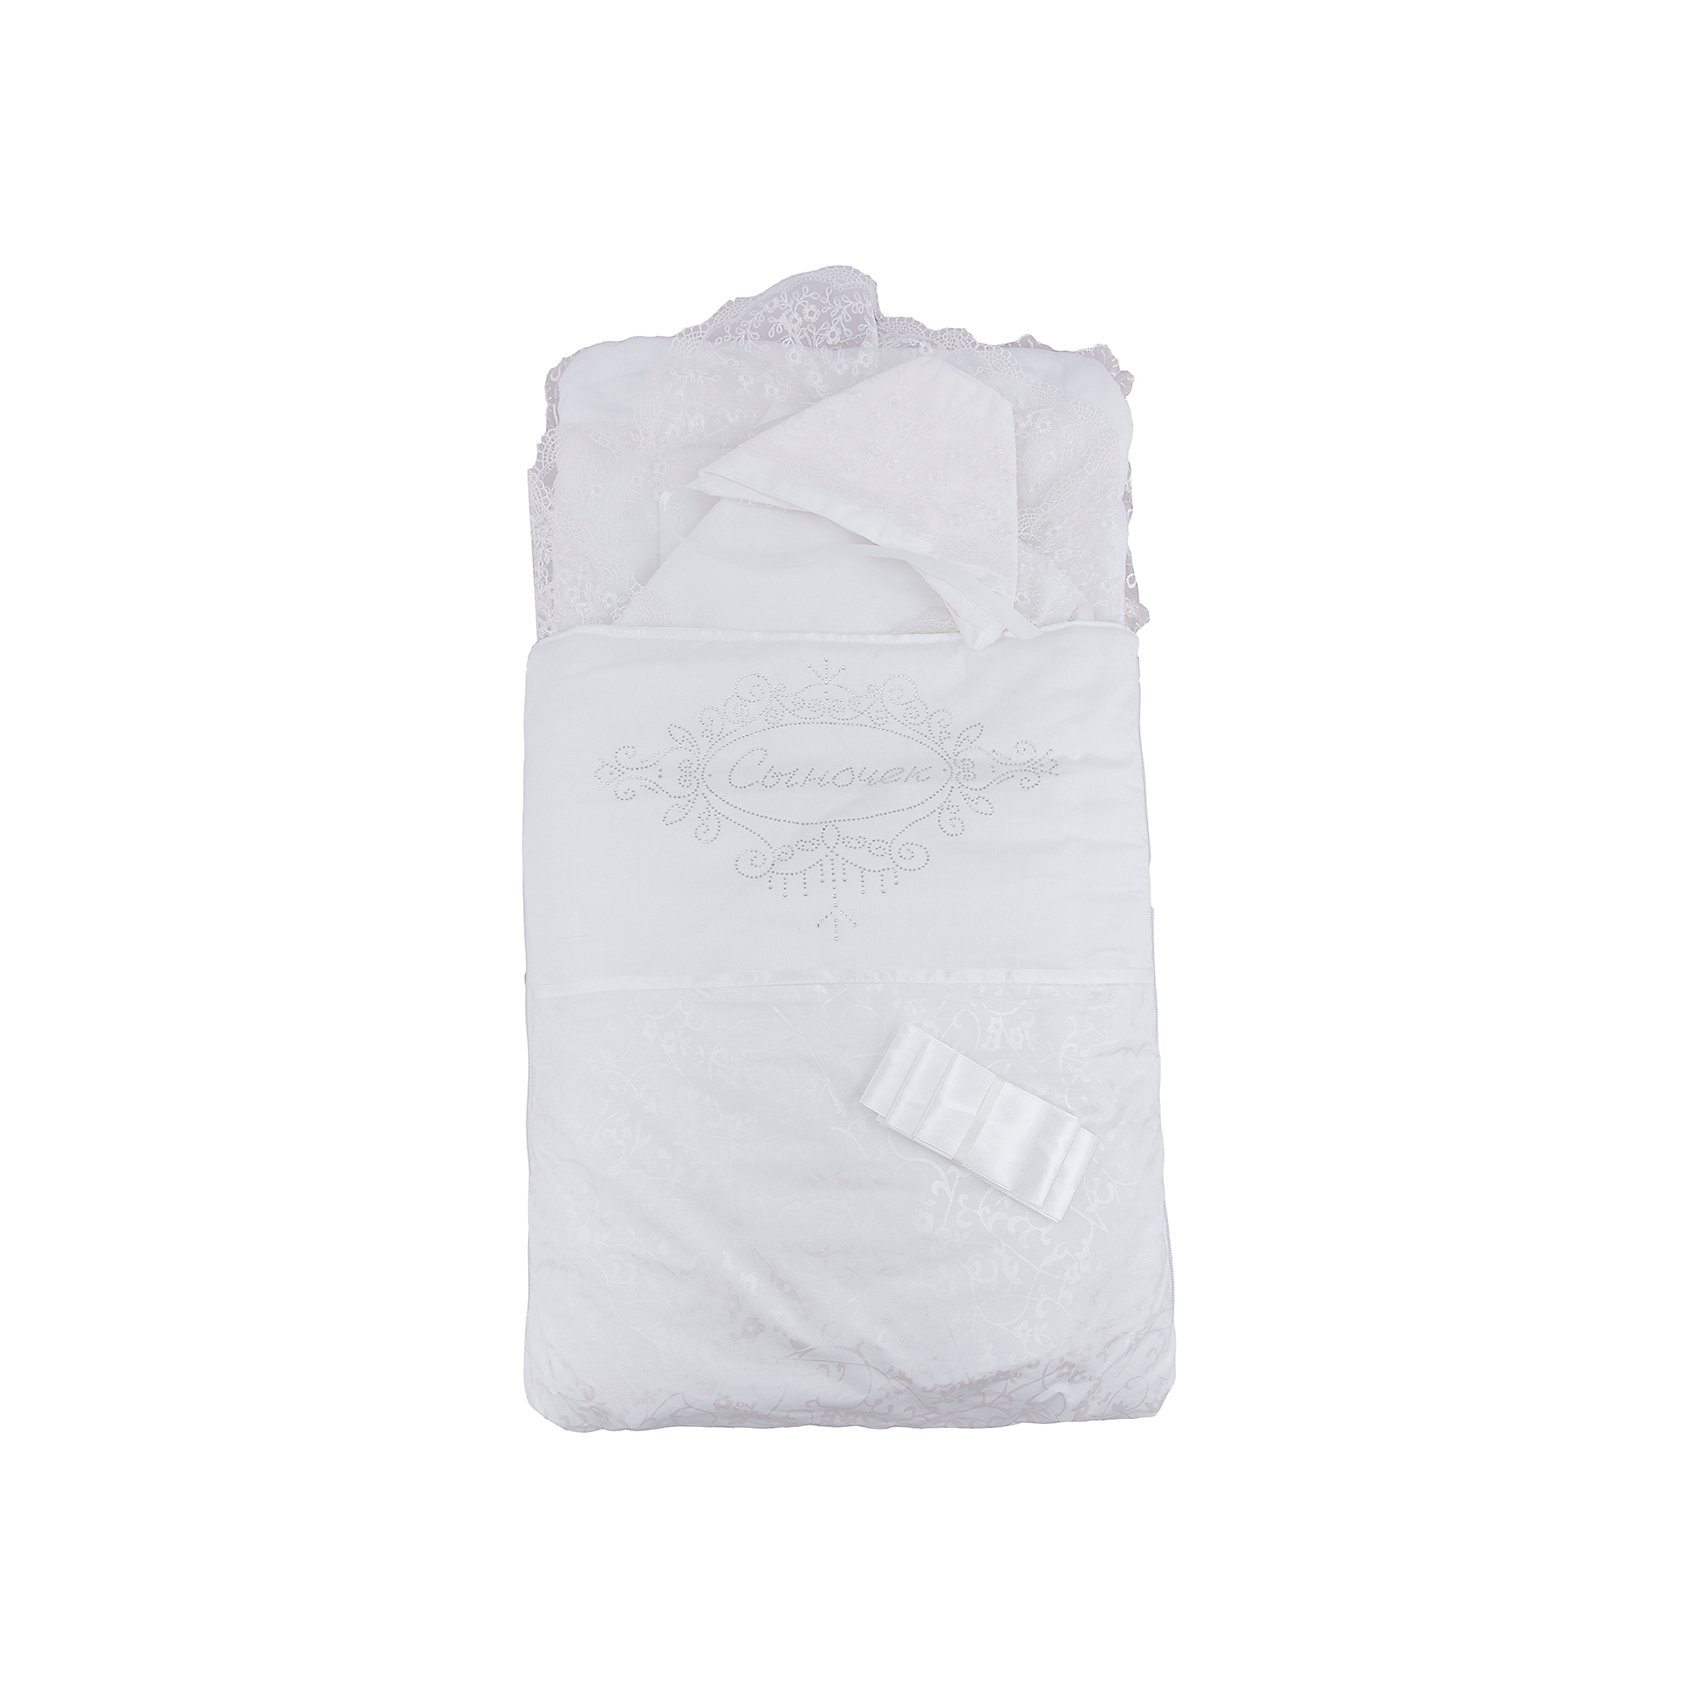 Комплект на выписку 4 пред. СЫНОЧЕК, Арго, шампаньМомент выписки мамы с ребенком из роддома - один из самых трогательных. Сделать его более торжественным поможет красивый комплект для выписки. Он состоит из четырех предметов: конверта, нарядного одеяла, нарядного чепчика и атласной ленточки.<br>Одеяло сшито из красивого сатина и обшито кружевами. Конверт - из тика и сатина, украшен стразами Сыночек. Материалы подобраны специально для новорожденных. Они гипоаллергенны, пропускают воздух, не вызывают раздражения.<br><br>Дополнительная информация:<br><br>цвет: шампань;<br>материал: тик, сатин - 100% хлопок;<br>комплектация: конверт, одеяло, чепчик, ленточка;<br>размеры одеял: 45х75 и 90х90 см;<br>возраст: 0-6 месяцев.<br><br>Комплект на выписку 4 пред. СЫНОЧЕК, шампань, от компании Арго можно купить в нашем магазине.<br><br>Ширина мм: 900<br>Глубина мм: 500<br>Высота мм: 150<br>Вес г: 500<br>Возраст от месяцев: 0<br>Возраст до месяцев: 6<br>Пол: Унисекс<br>Возраст: Детский<br>SKU: 4720108